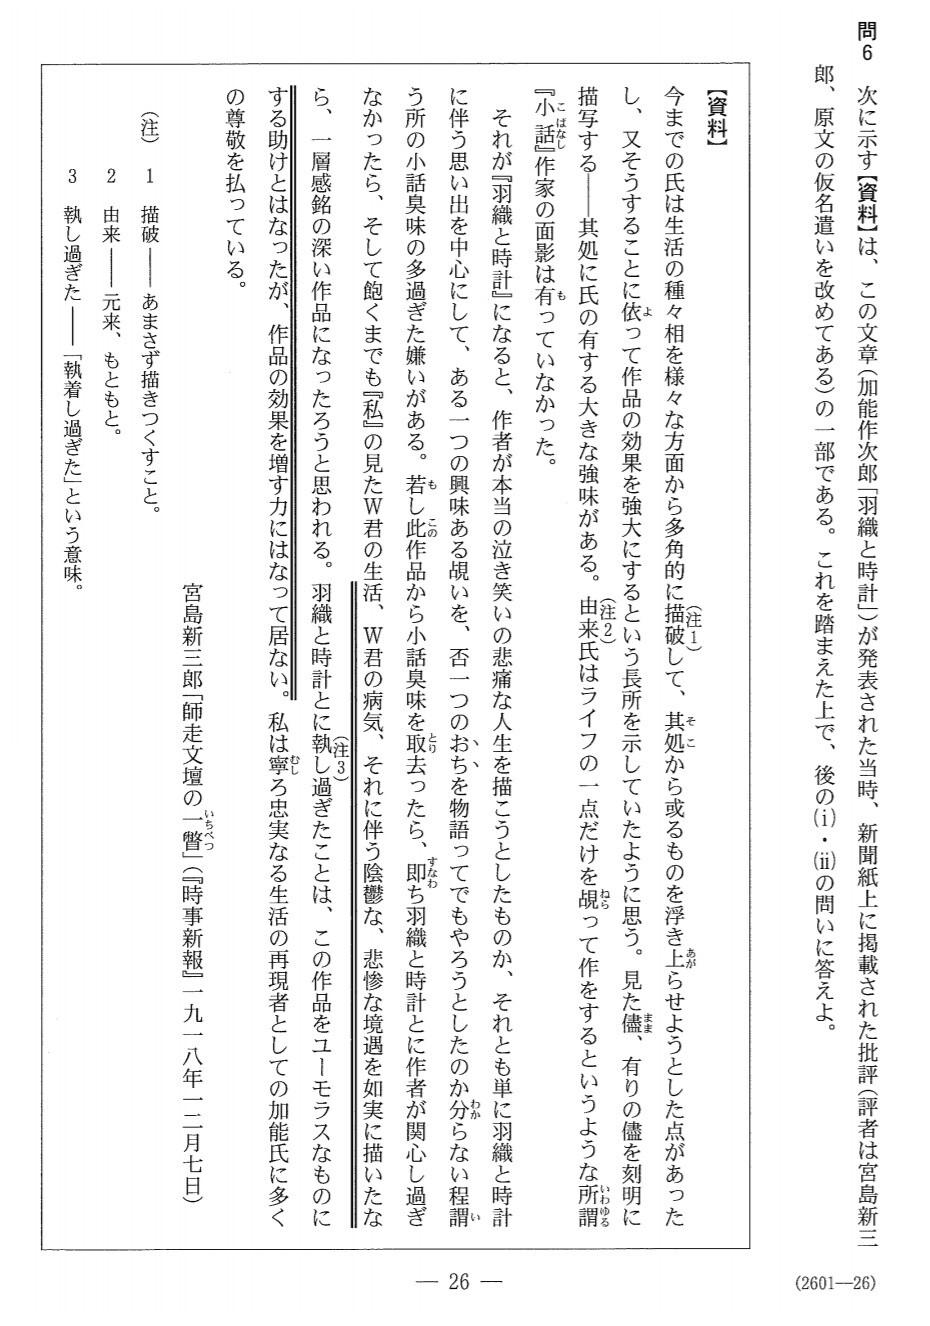 共通テスト国語の問題例